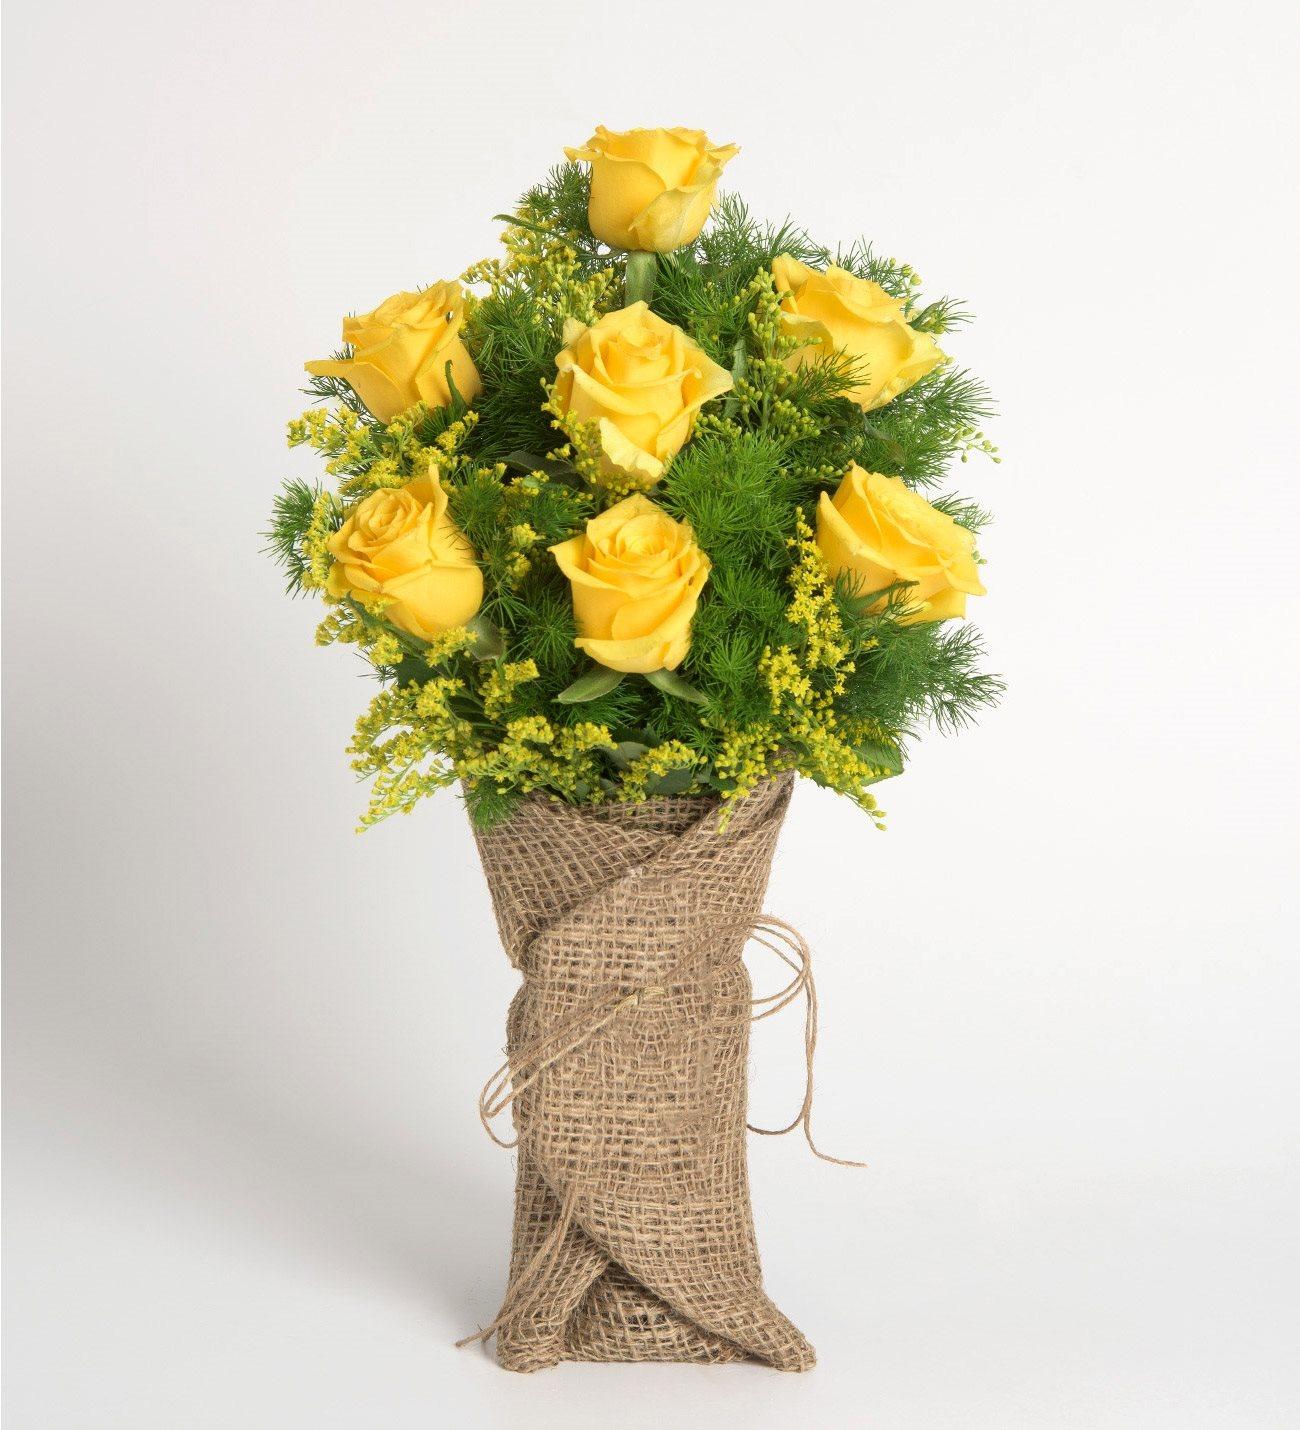 Samba Yellow Roses